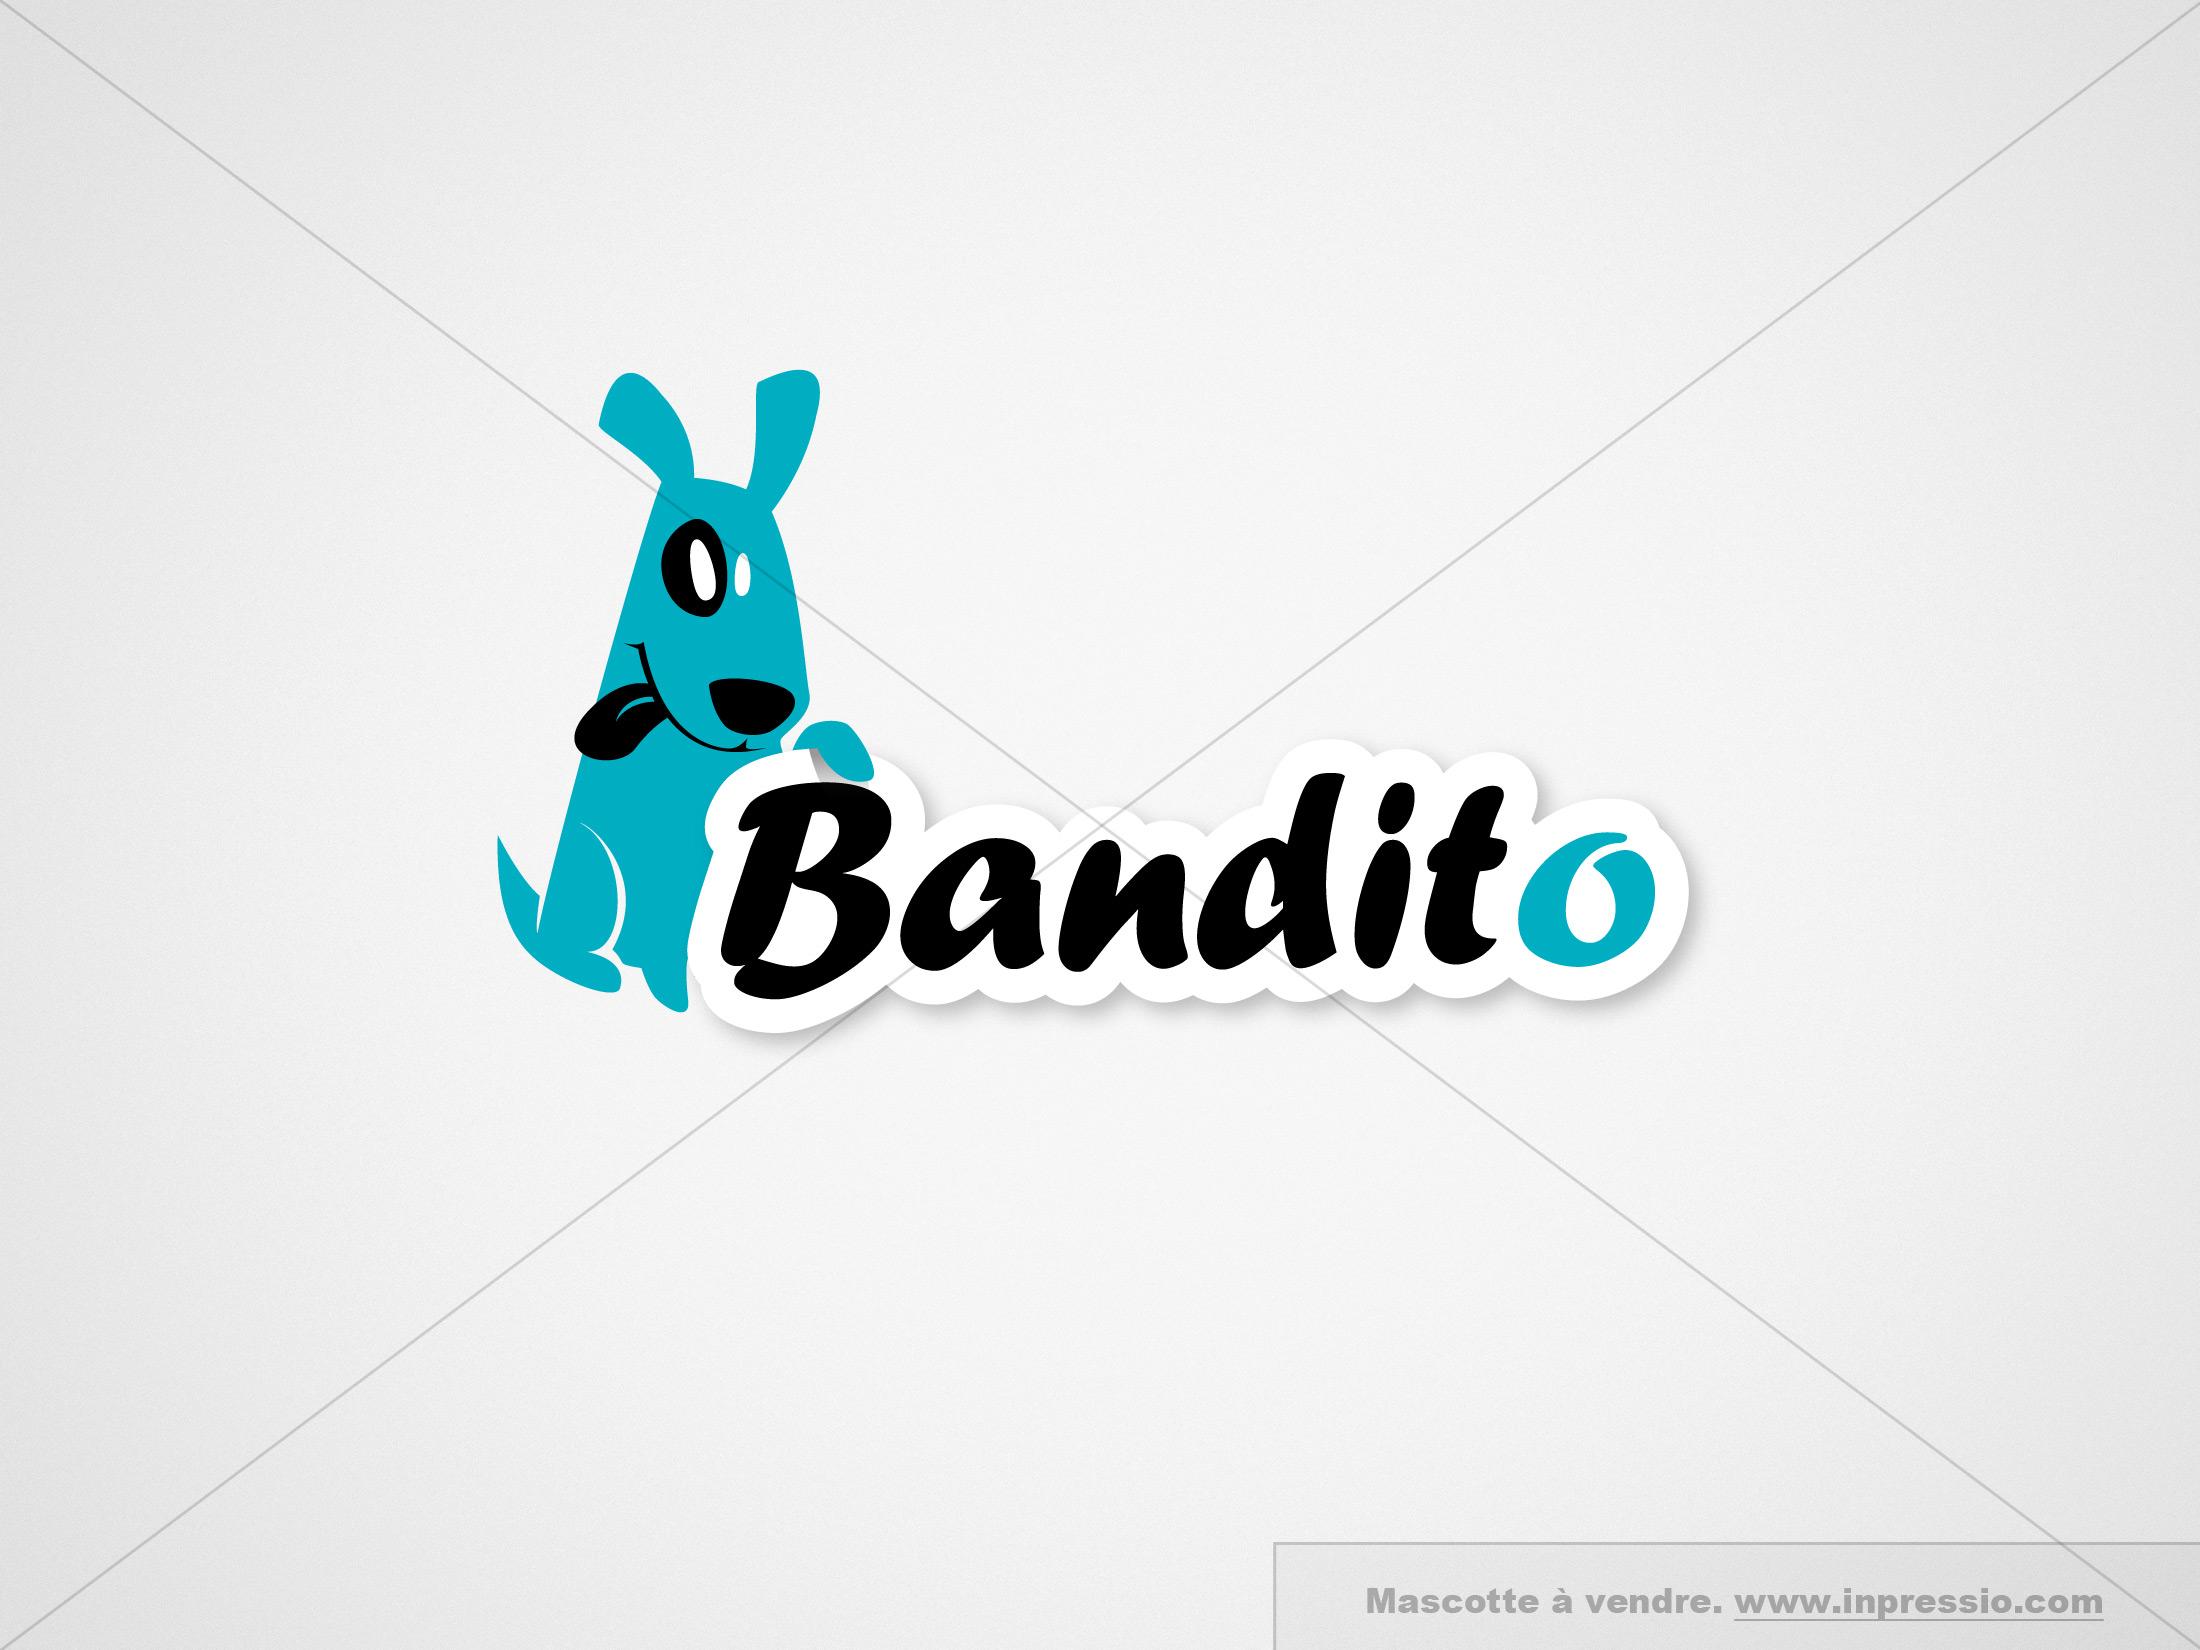 Bandito - Mascotte à vendre